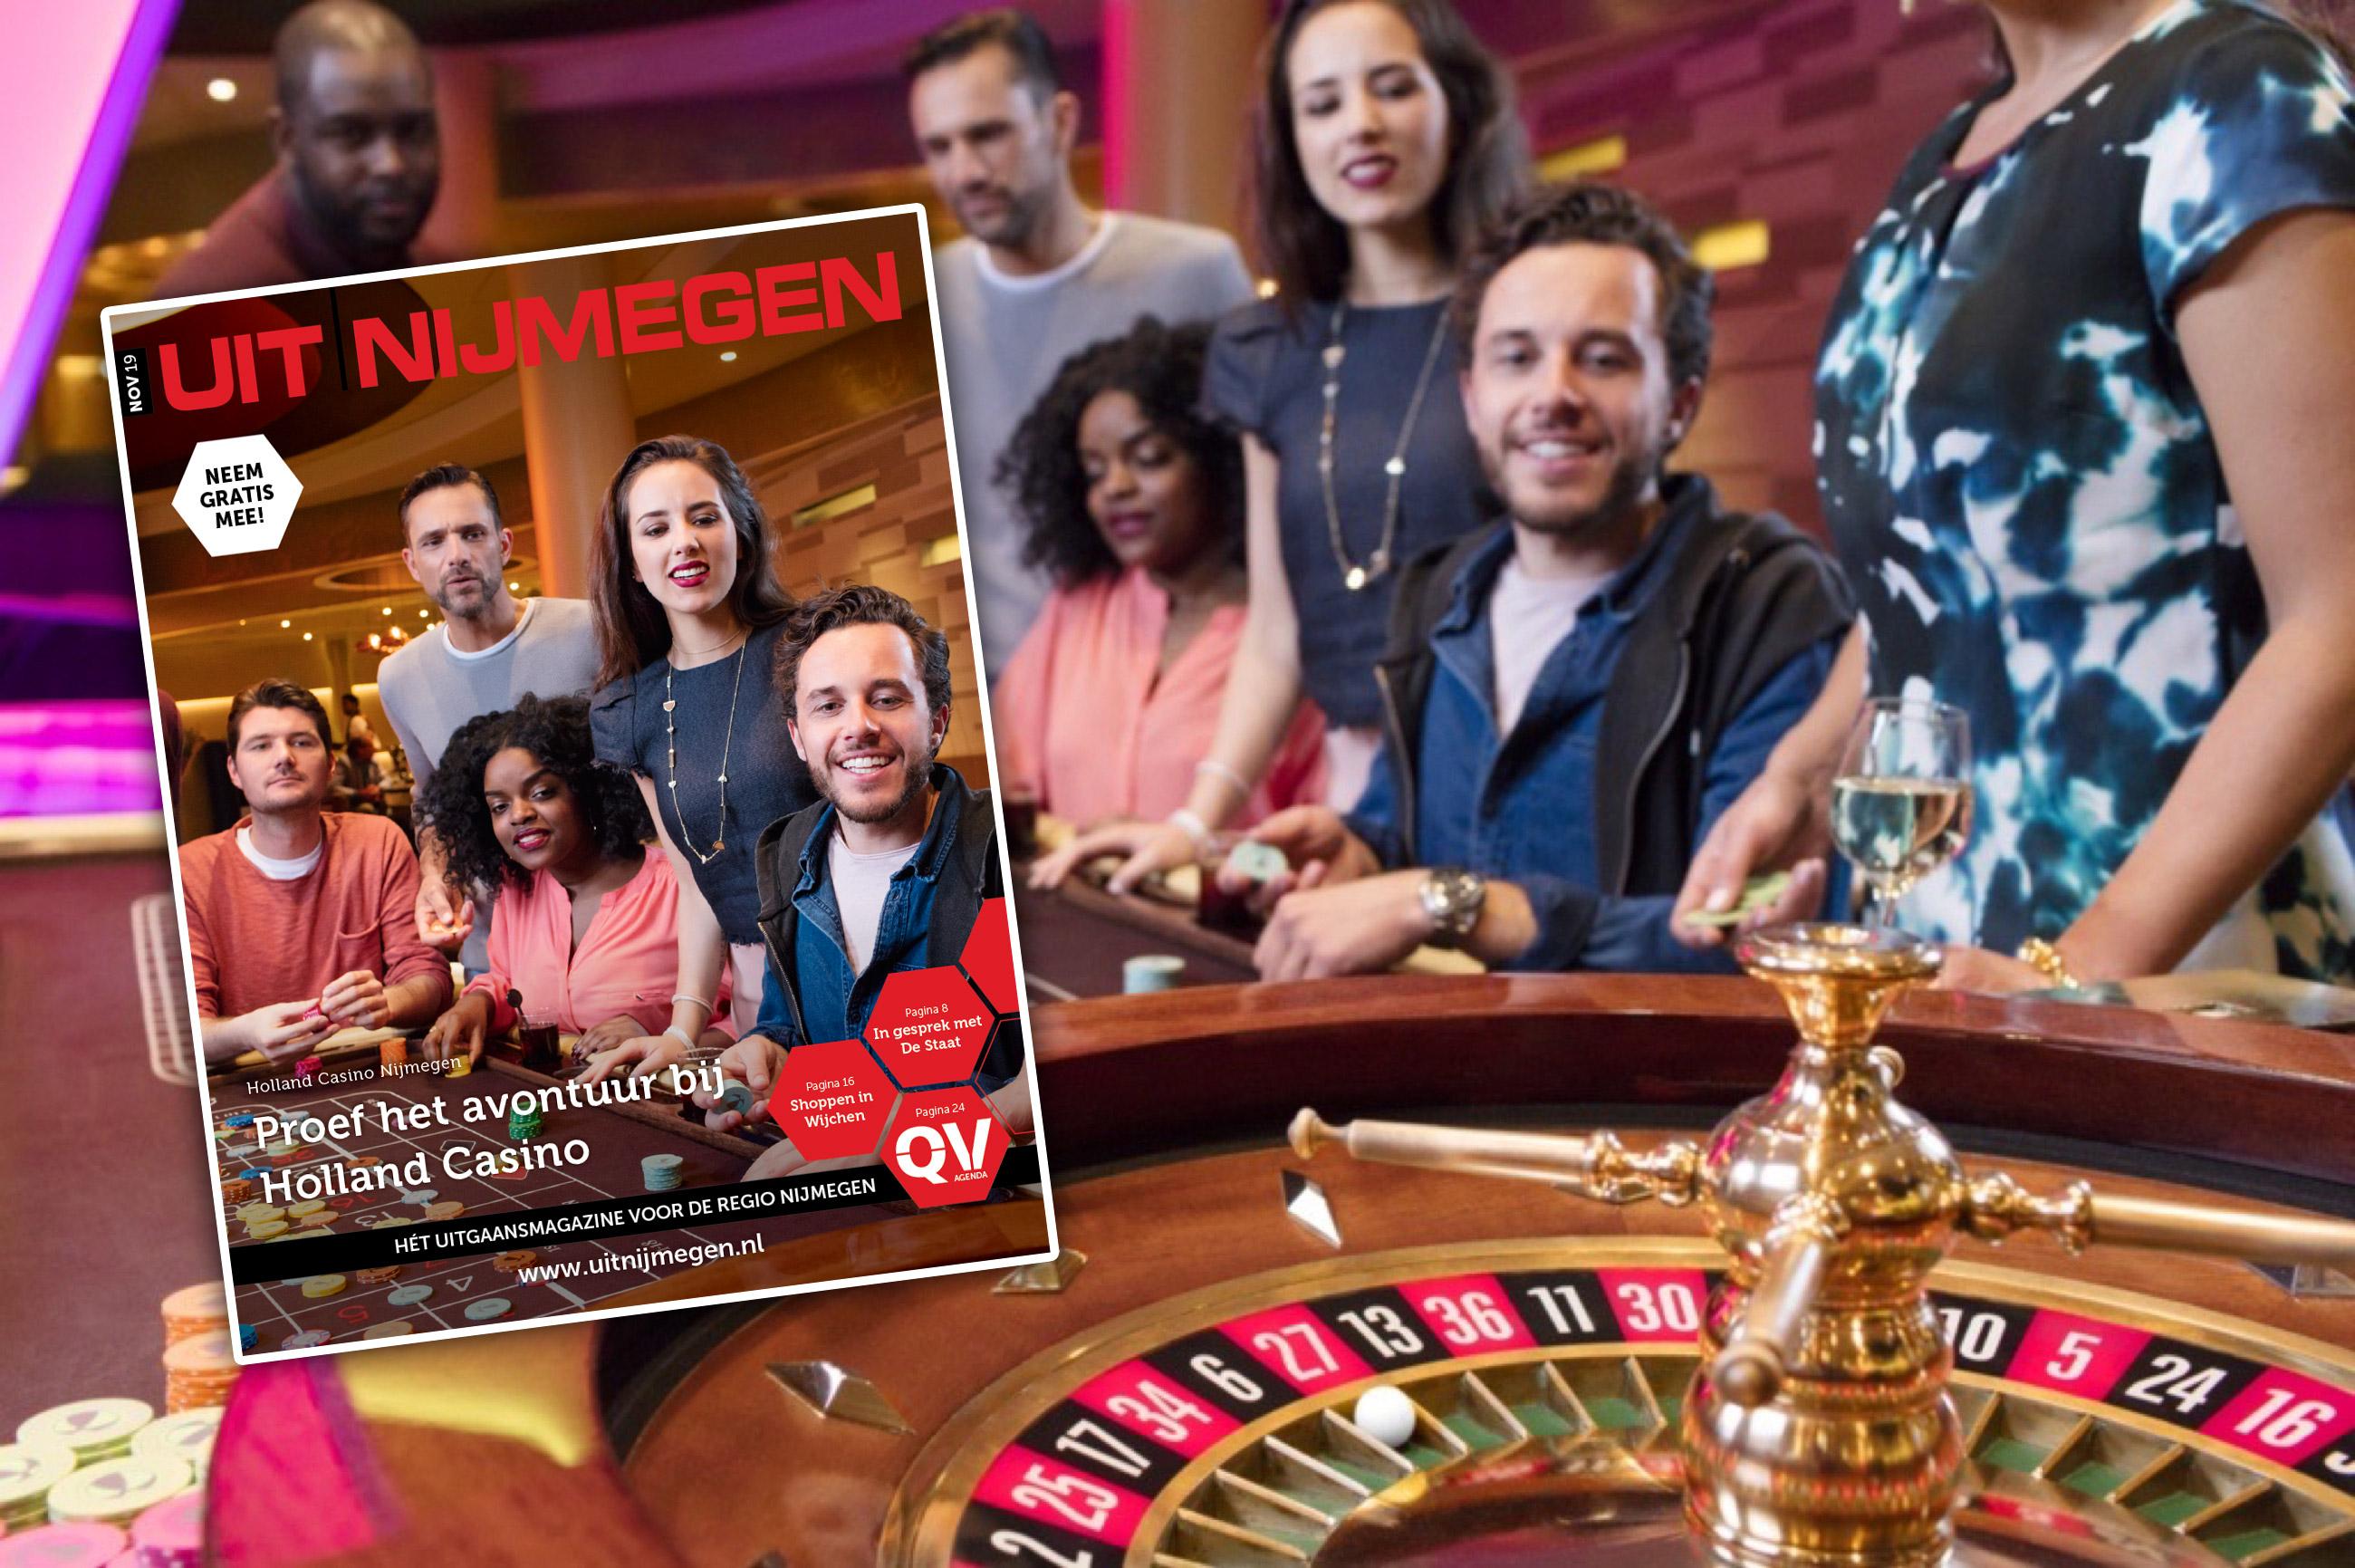 De november editie is UIT: Proef het avontuur bij  Holland Casino